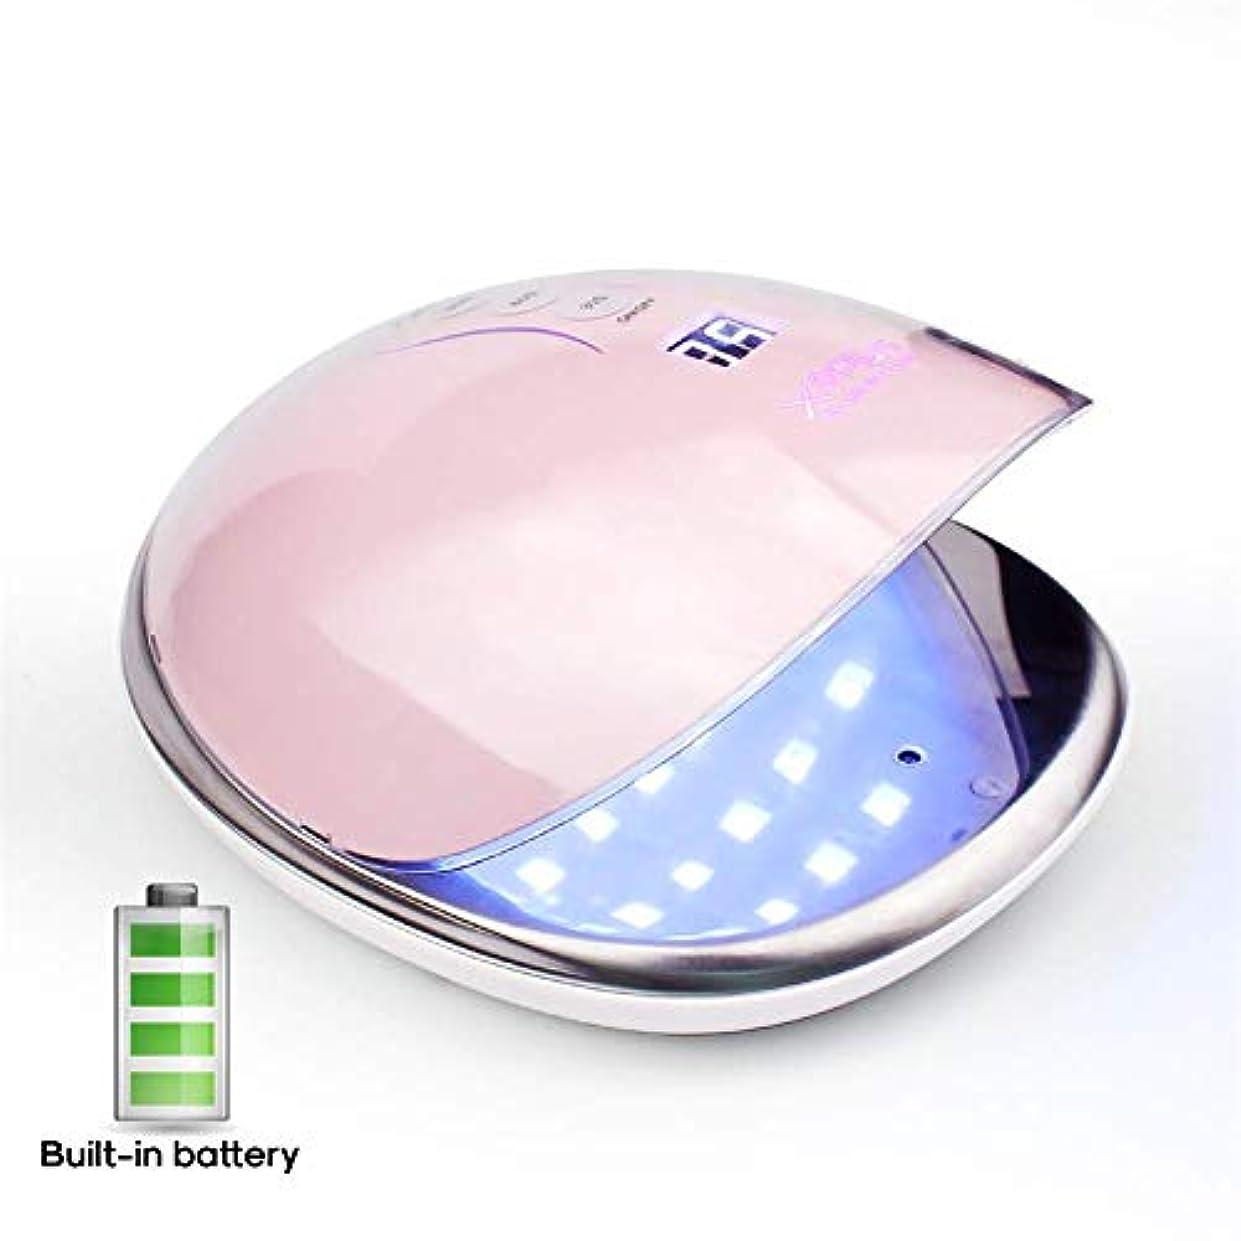 部屋を掃除する変化する風邪をひくネイルとジェルポリッシュランプ48ワットネイルドライヤー自動検知ポリッシュネイル乾燥剤高速硬化ジェルニス、白、標準用ランプ,ピンク、リチウム電池